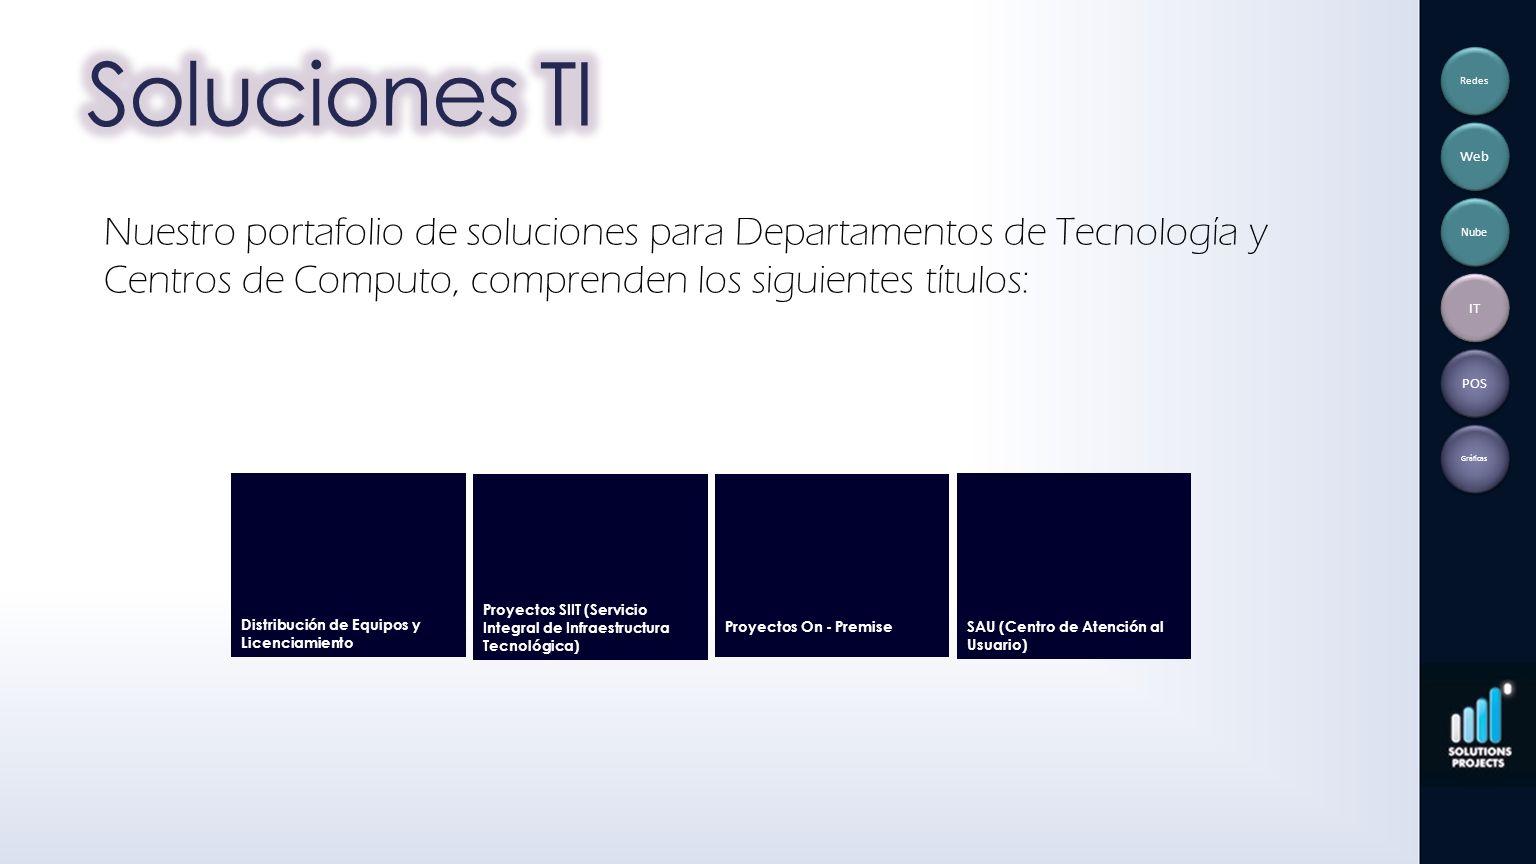 Soluciones TI Redes. Web.